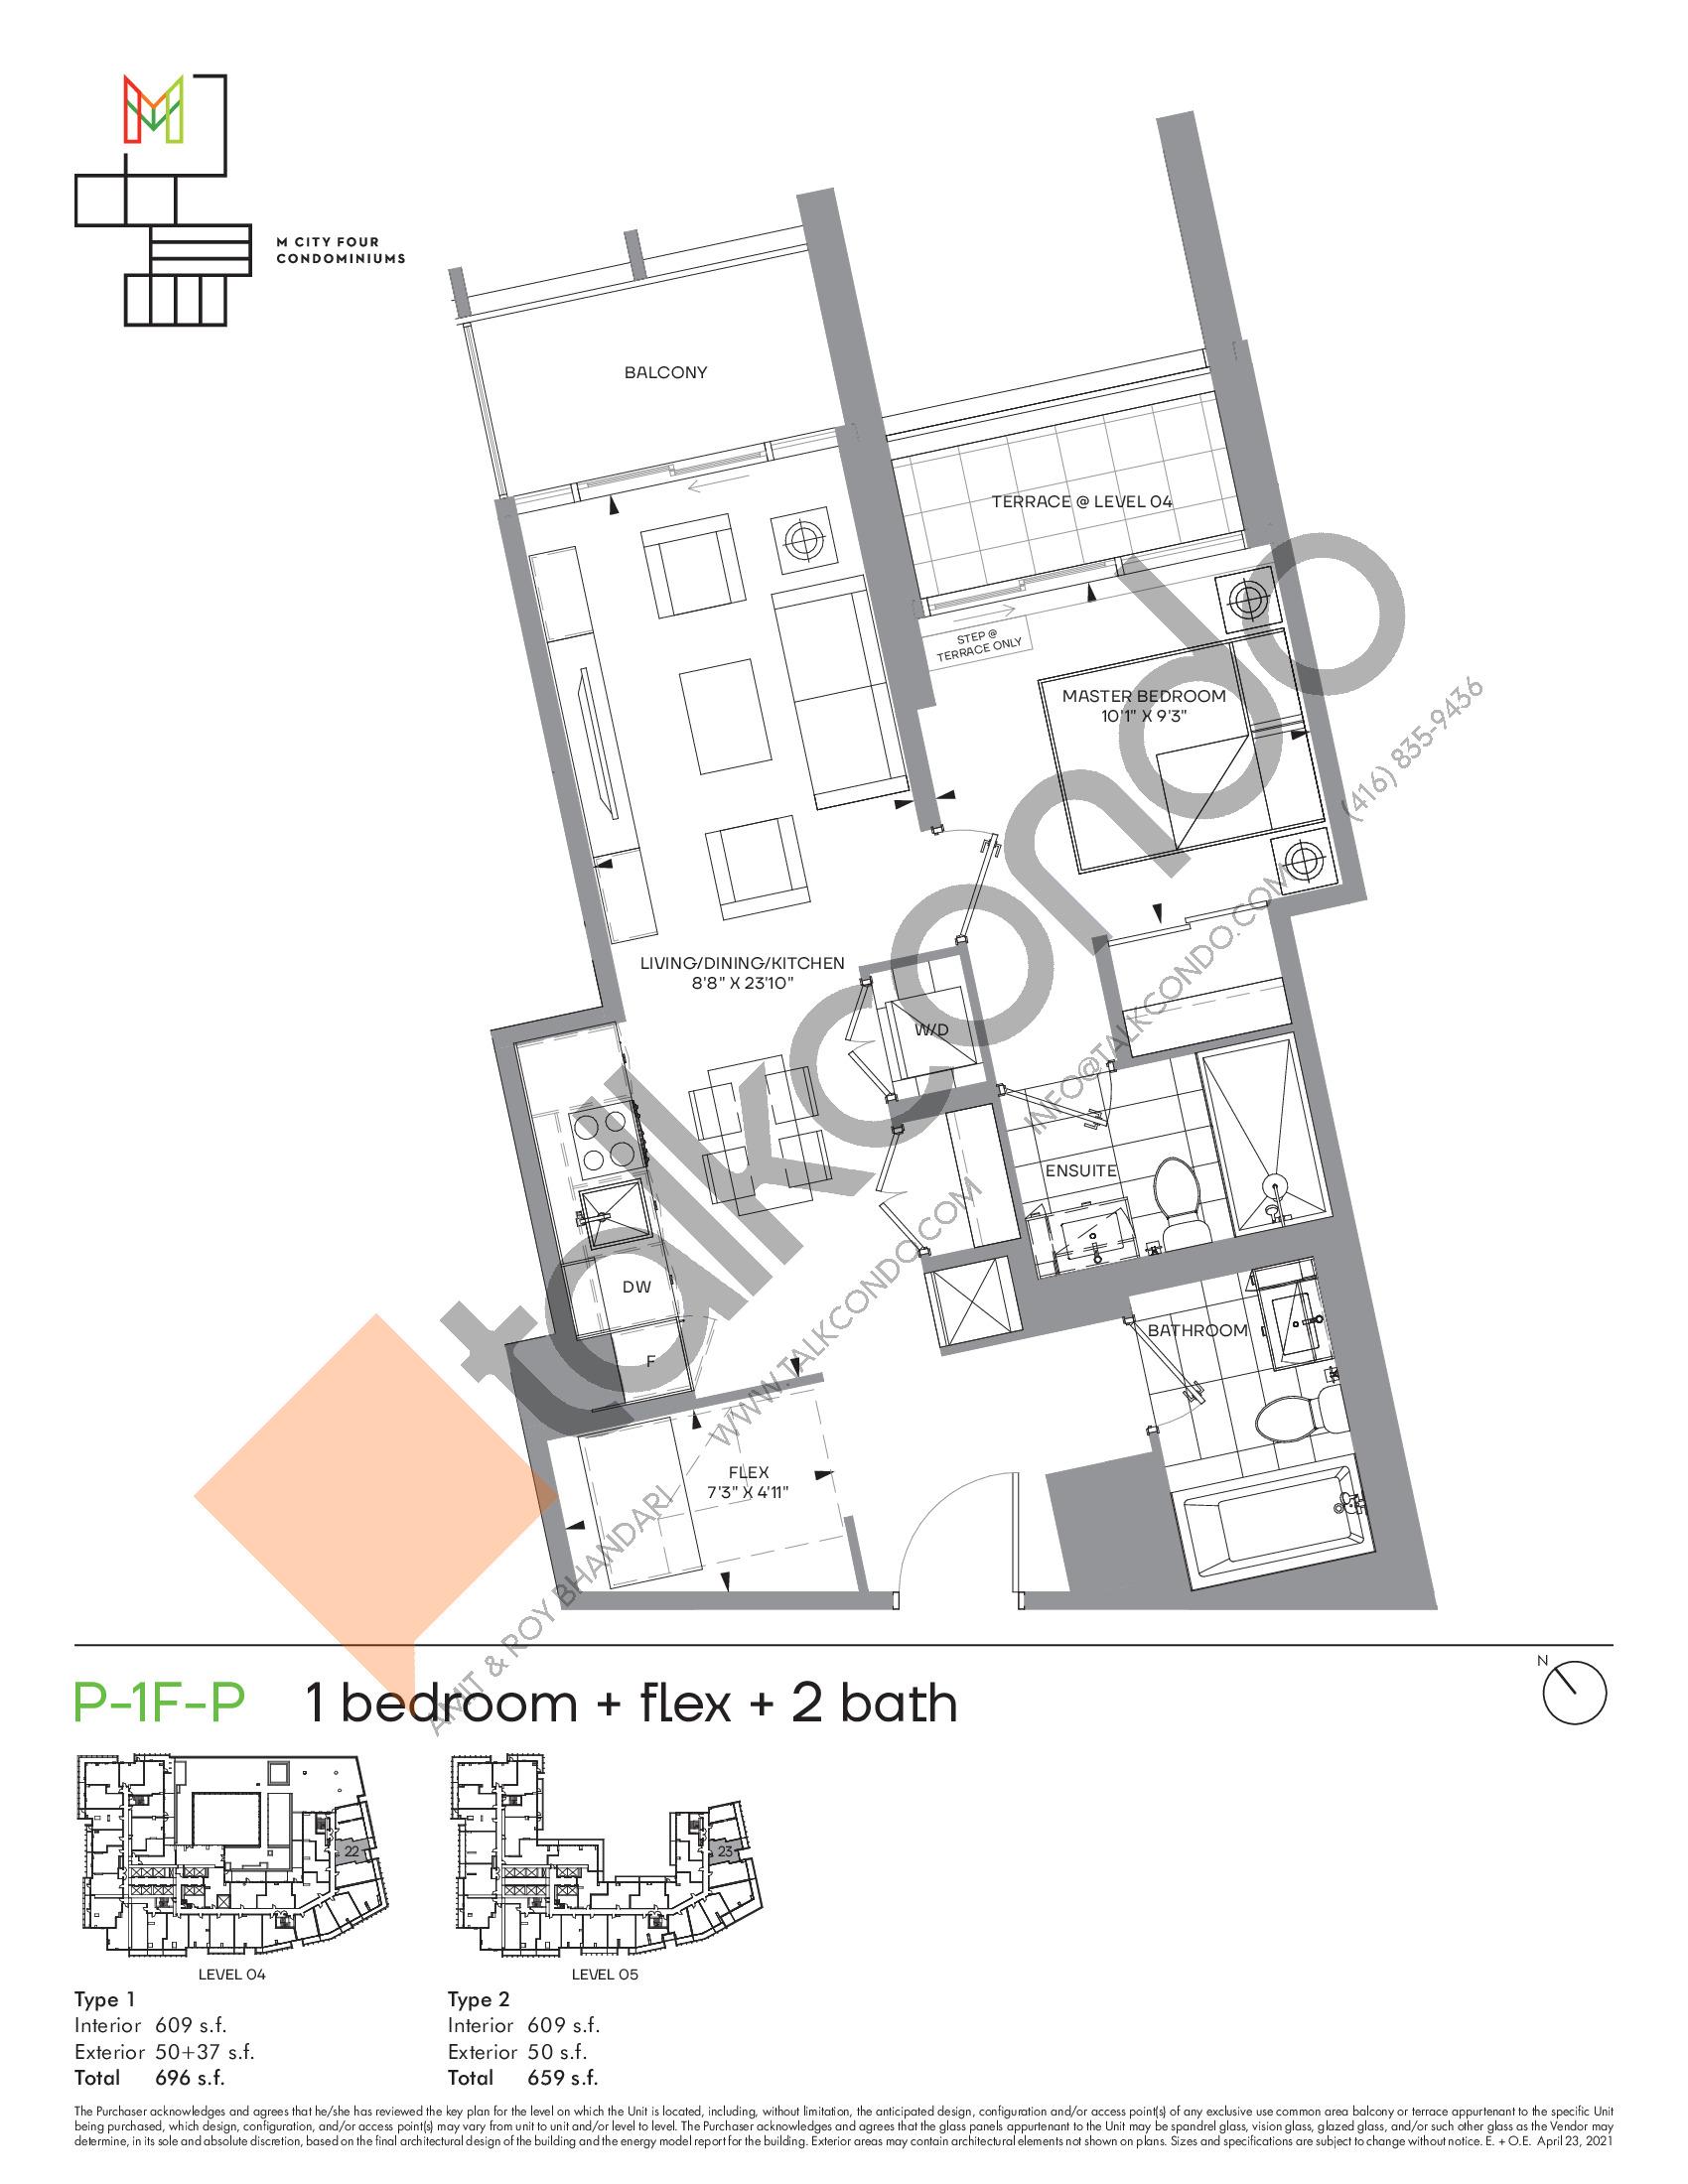 P-1F-P (Podium) Floor Plan at M4 Condos - 609 sq.ft